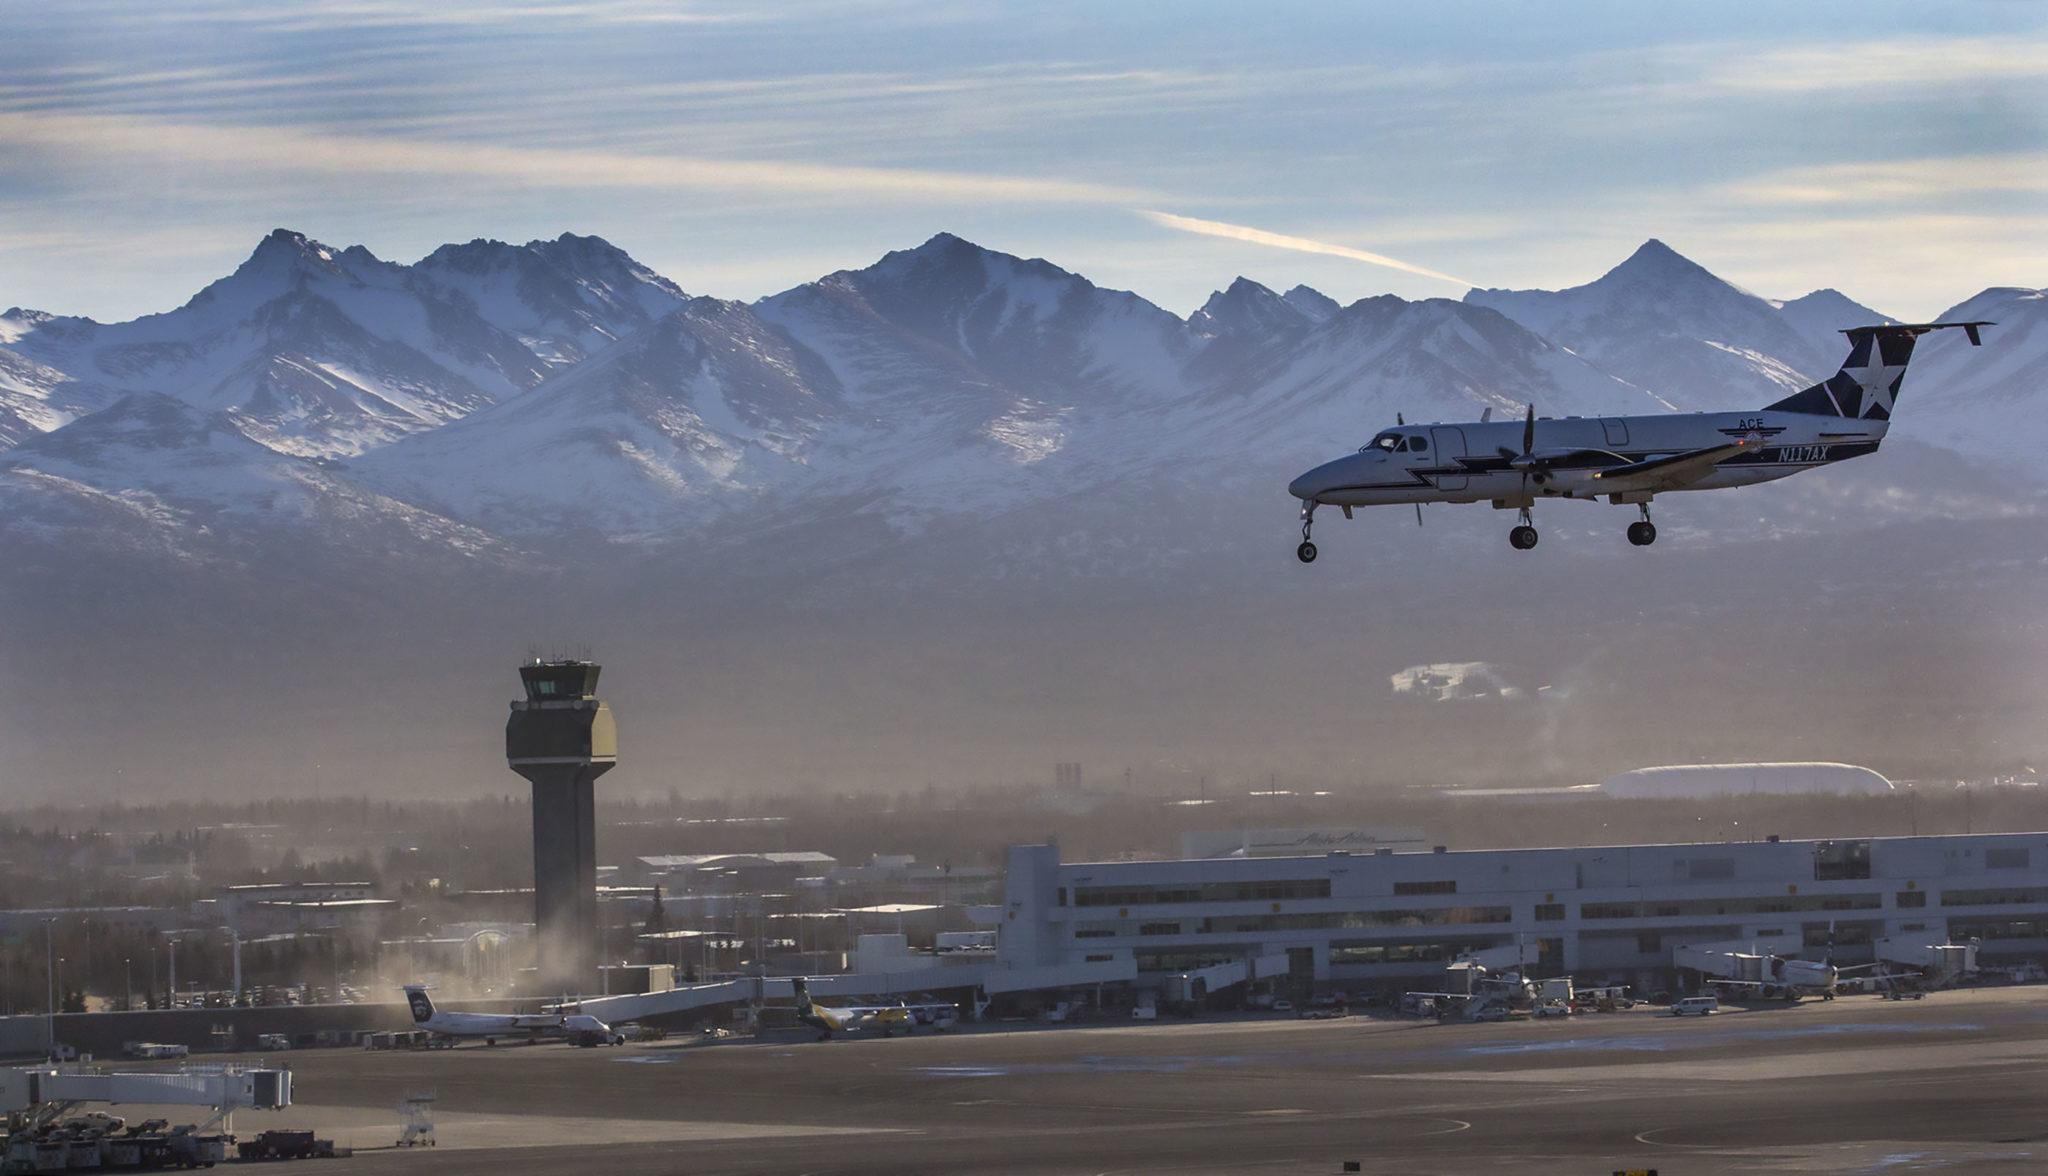 Alaska Aircraft photography   Alaskafoto- Alaska photography & Aircraft portraits, Alaska Air Cargo